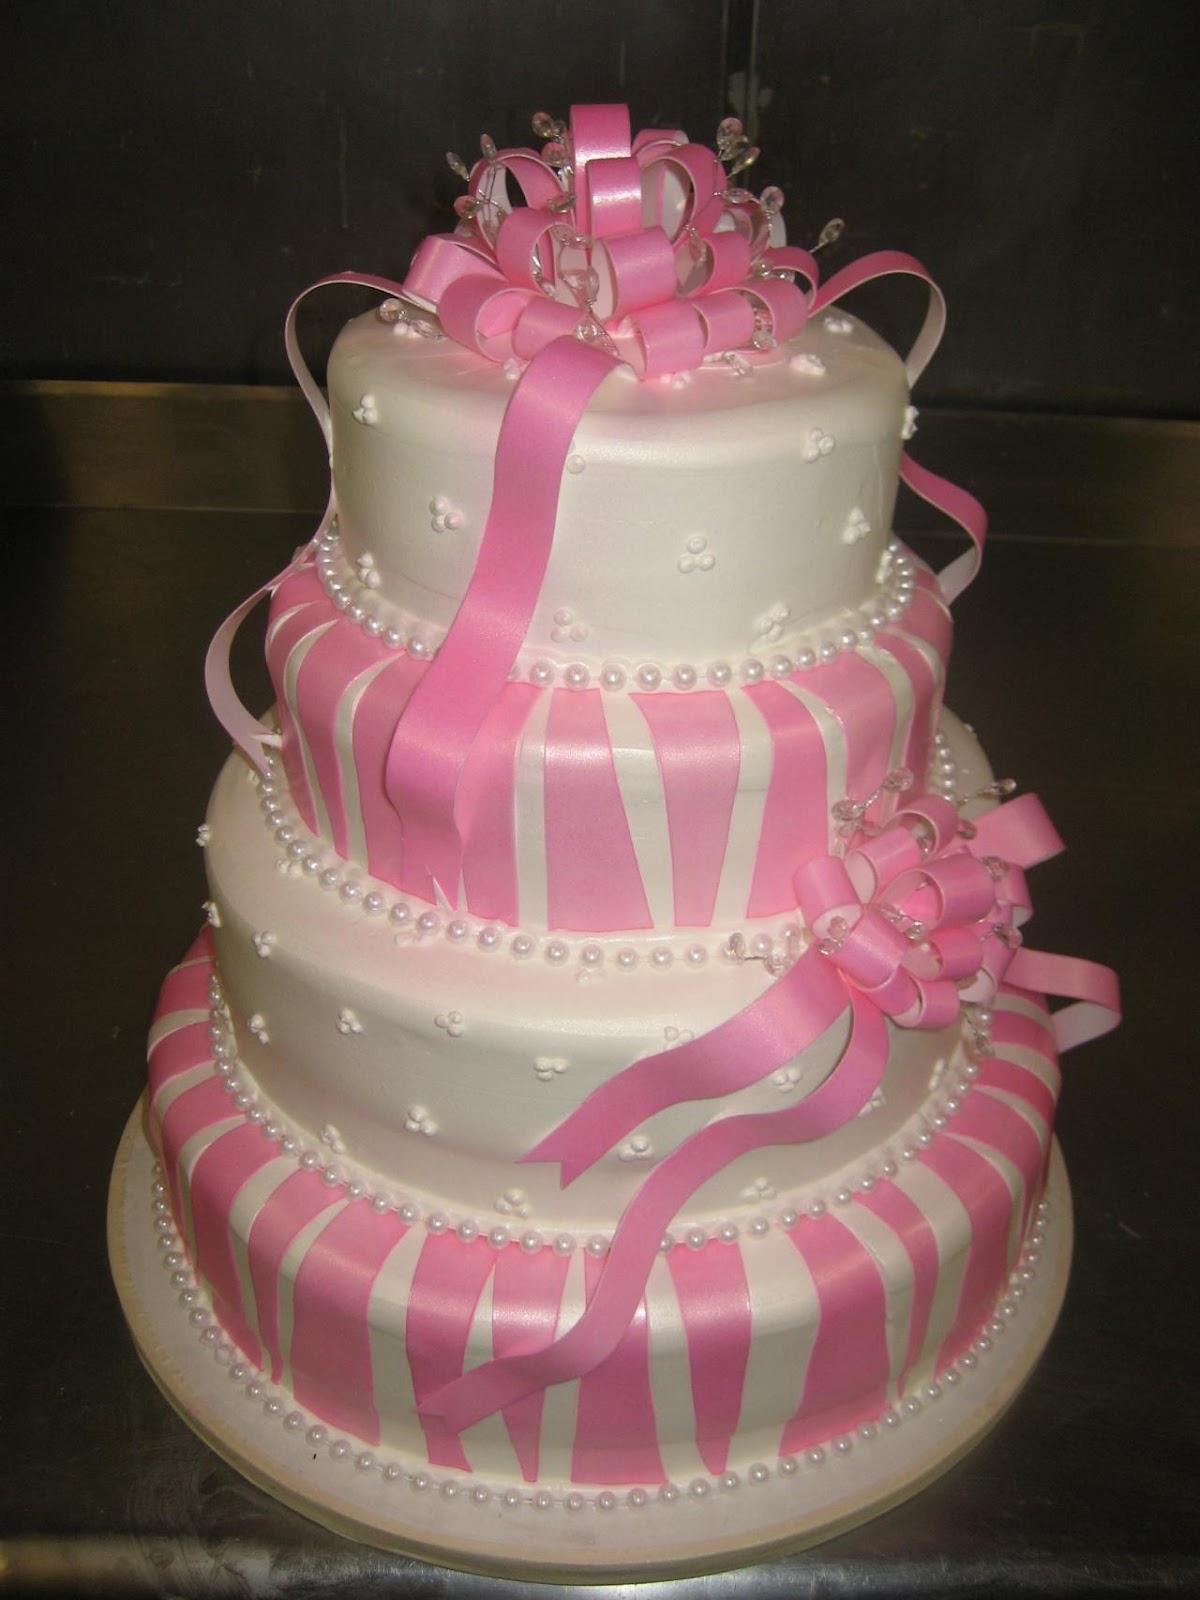 Wedding Cakes Pictures: LA Wedding Cakes